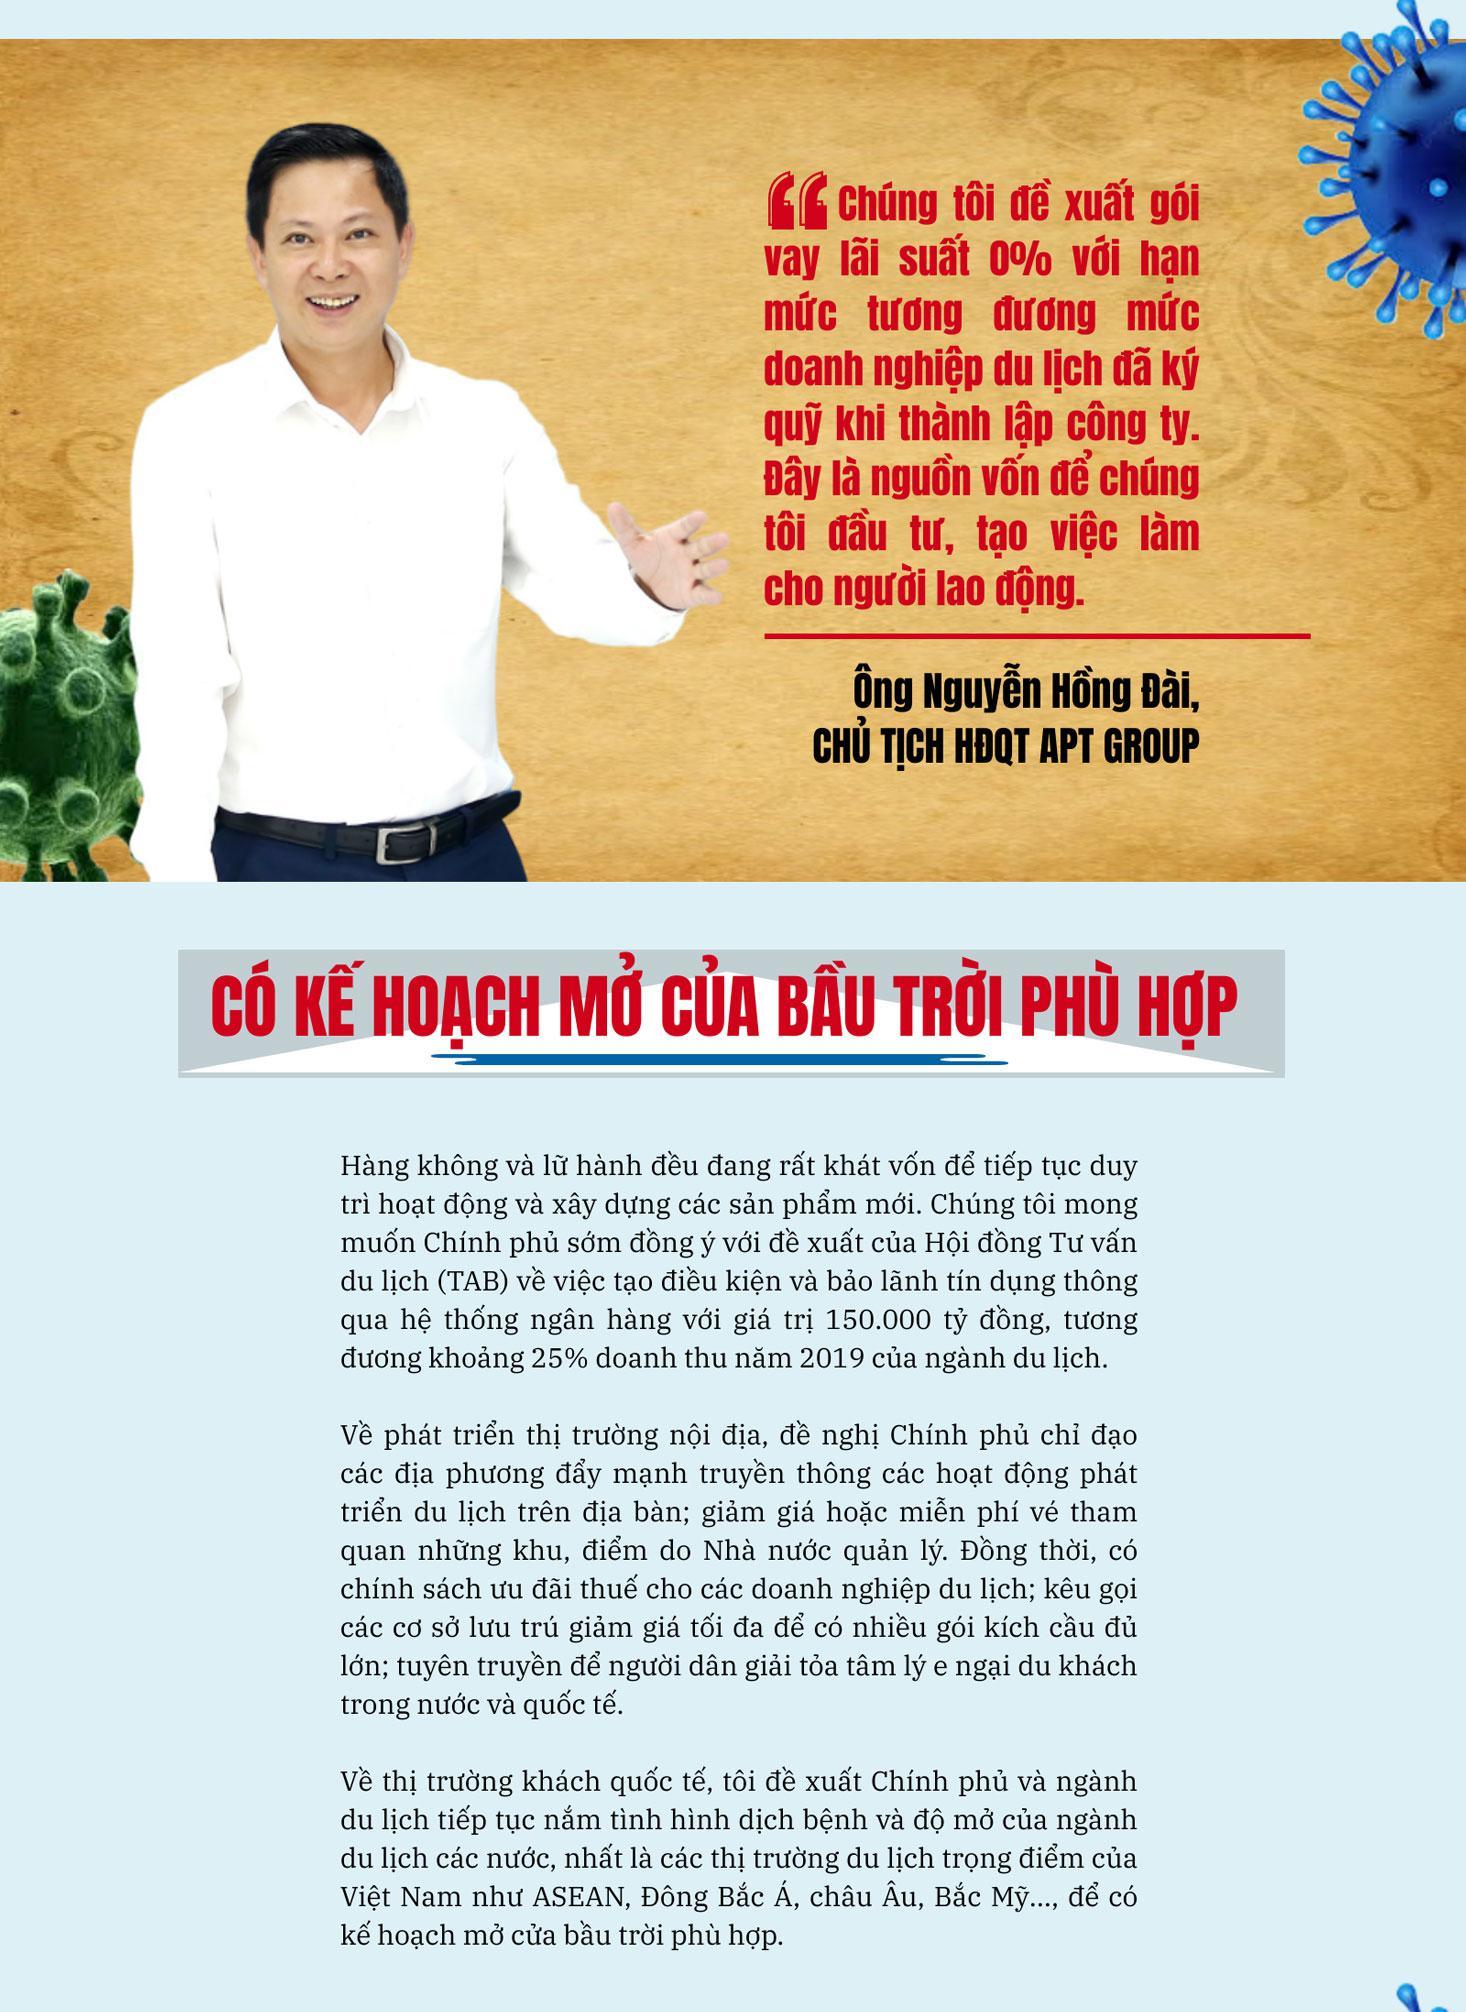 Ông Nguyễn Hồng Đài - HĐQT APT Group đề xuất phương án Chính phủ hỗ trợ doanh nghiệp sau dịch Covid 19